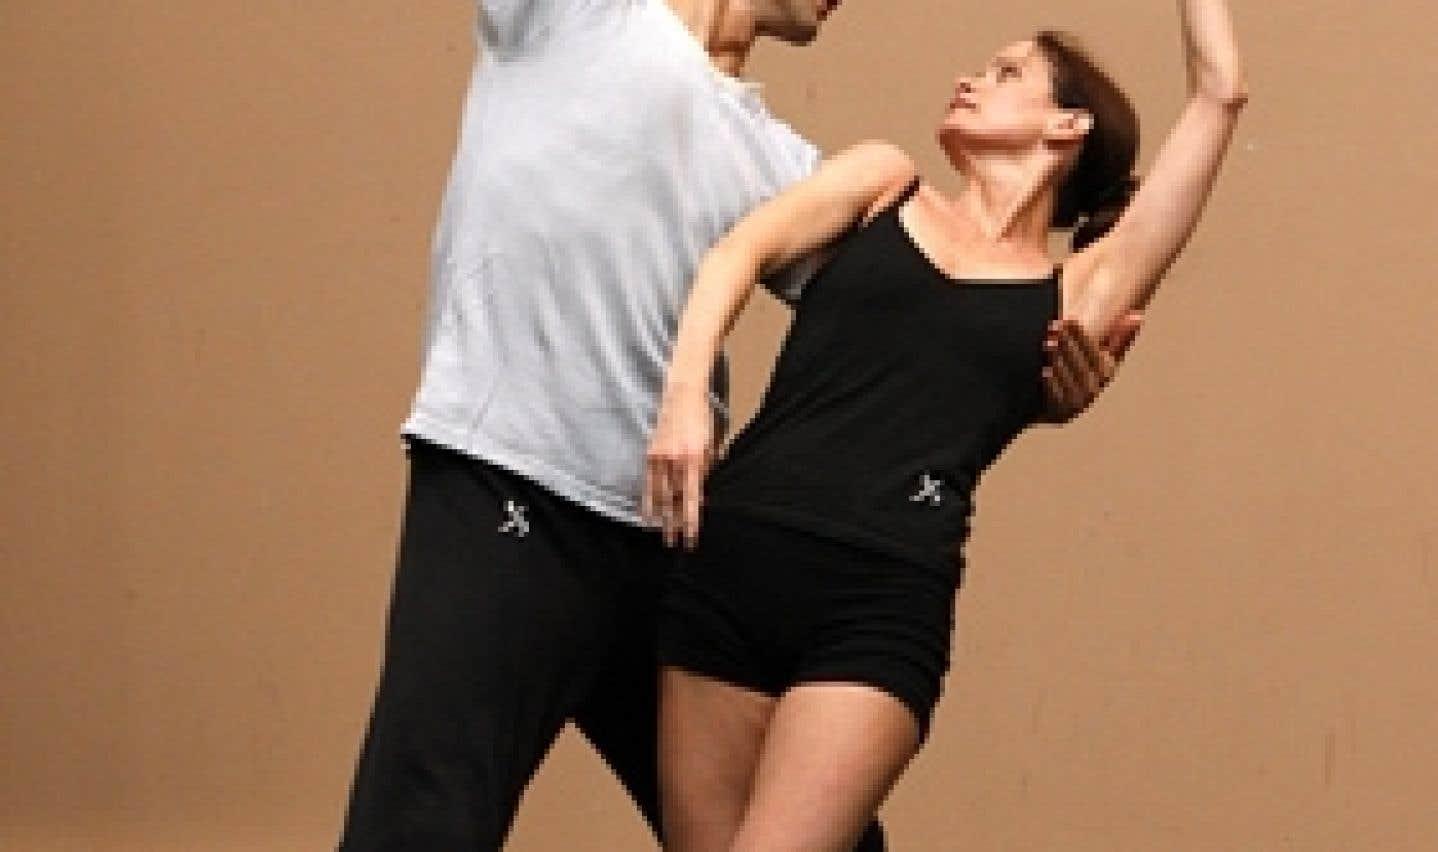 Danse - Le corps usé de la danse